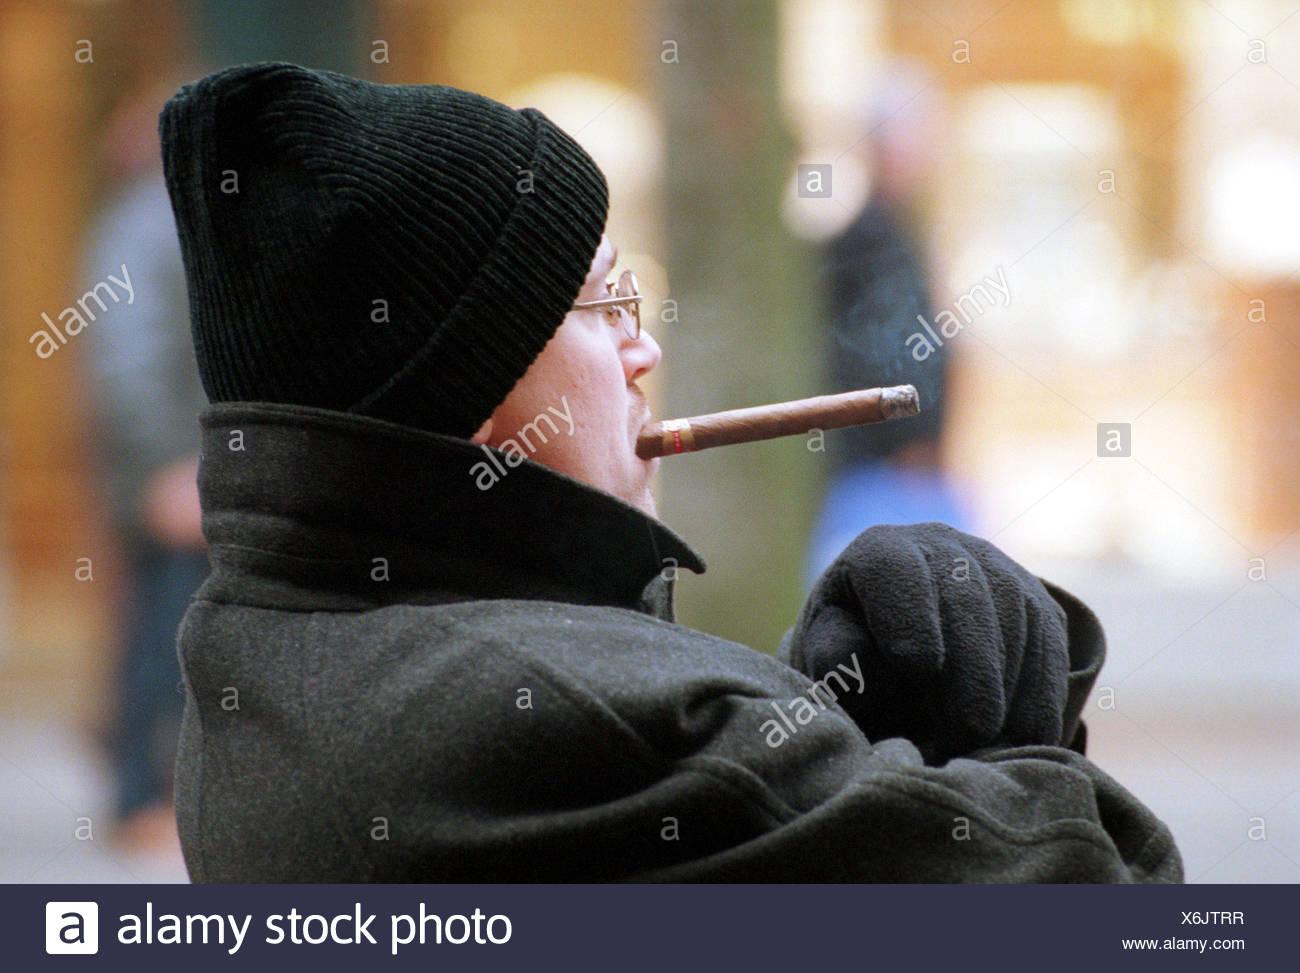 Man with cigar in the Zuercher Bahnhofstrasse, Switzerland - Stock Image